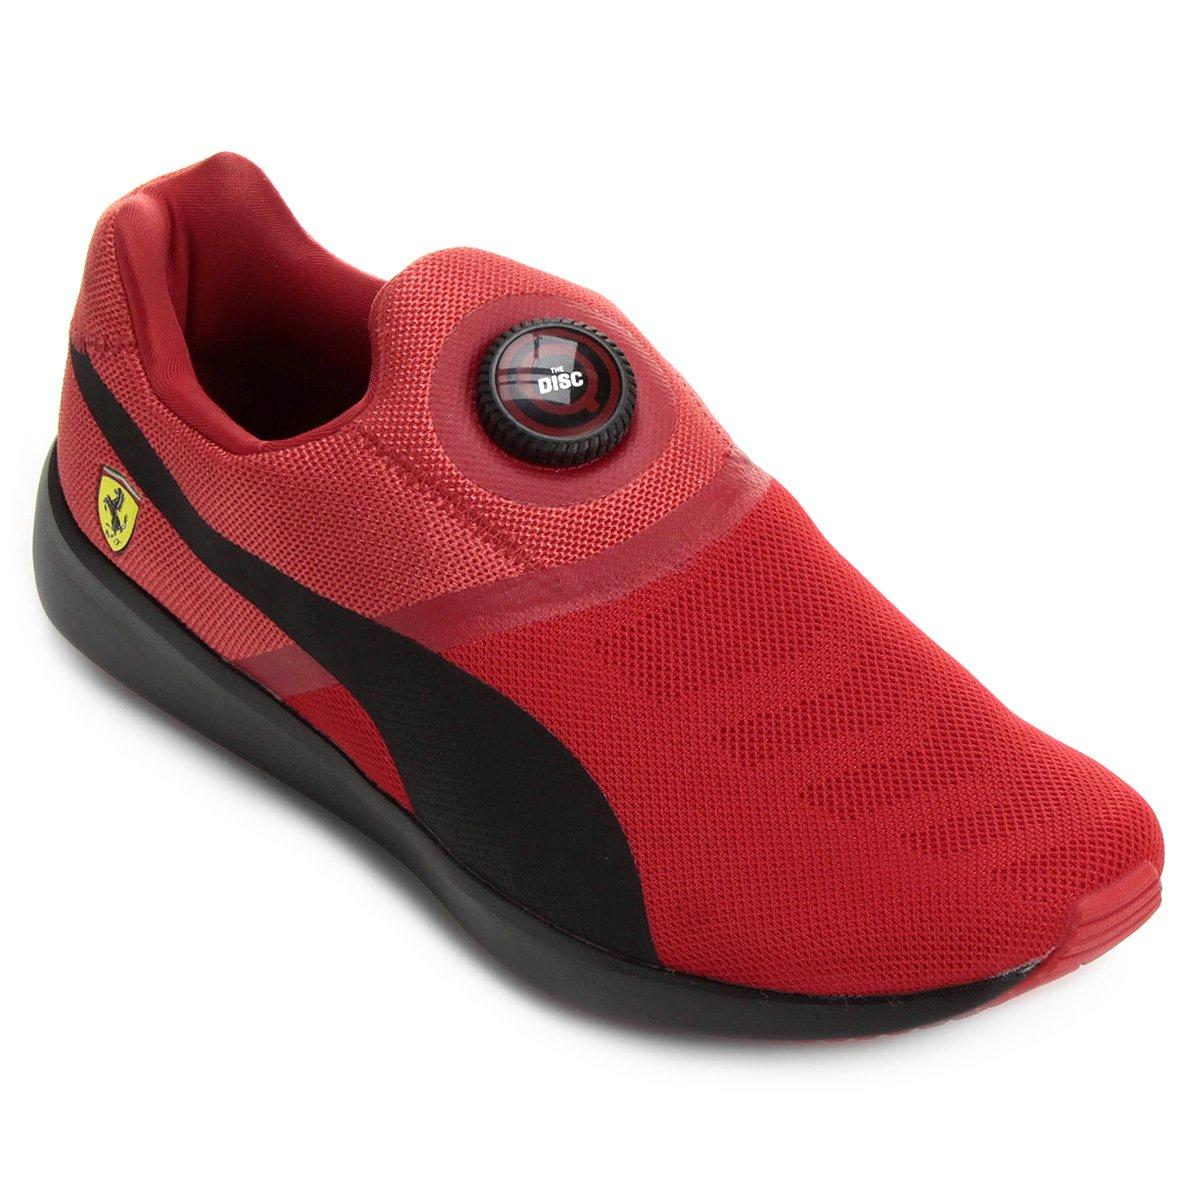 Tênis Puma Disc Scuderia Ferrari Masculino - Vermelho e Preto ... dbdd165cad06b